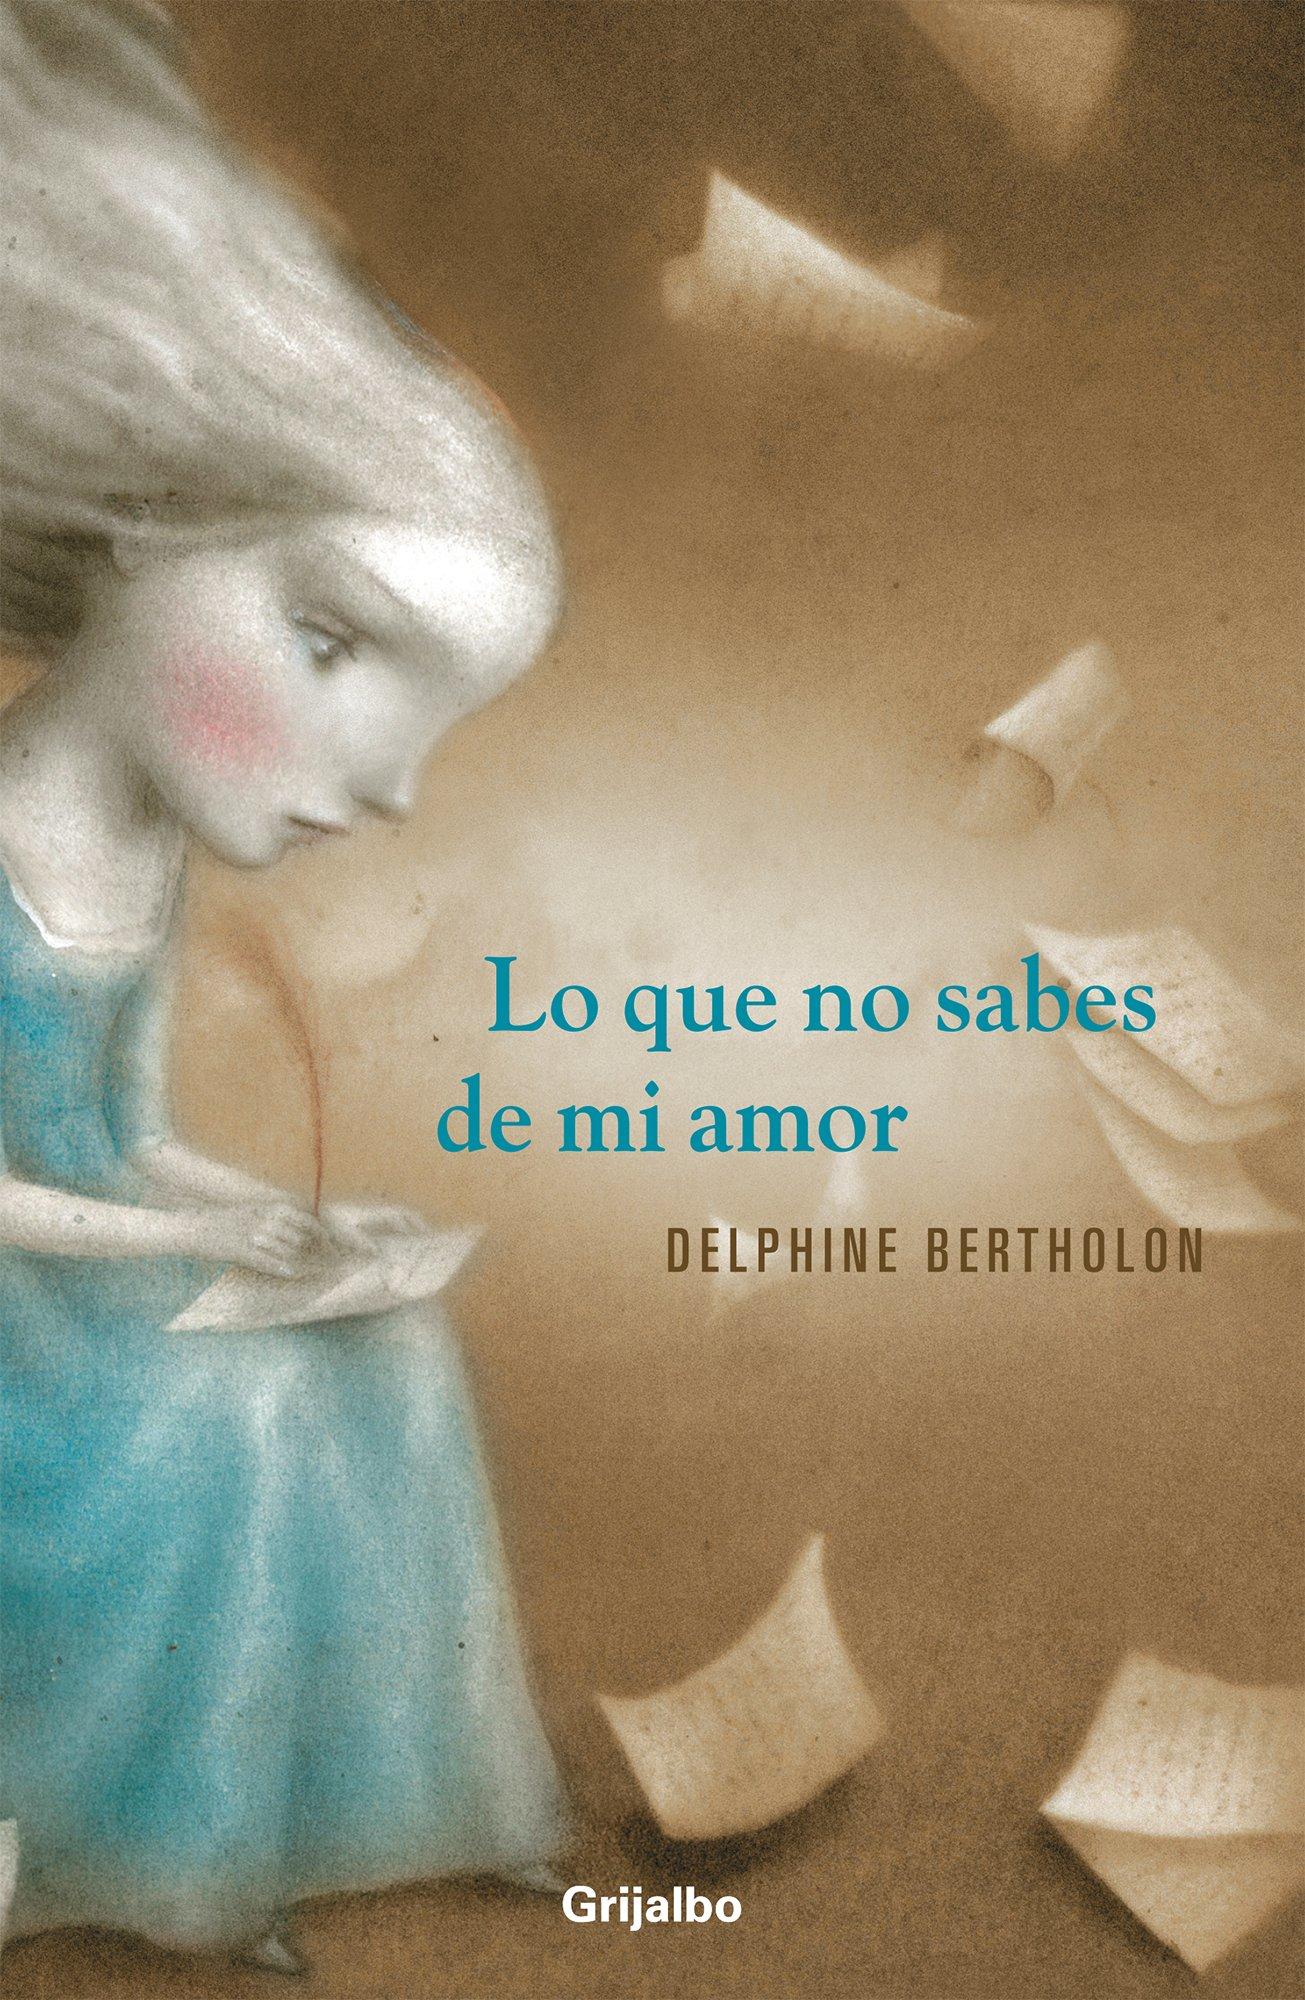 Lo que no sabes de mi amor (Spanish Edition): Delphine Bertholon: 9786073117616: Amazon.com: Books